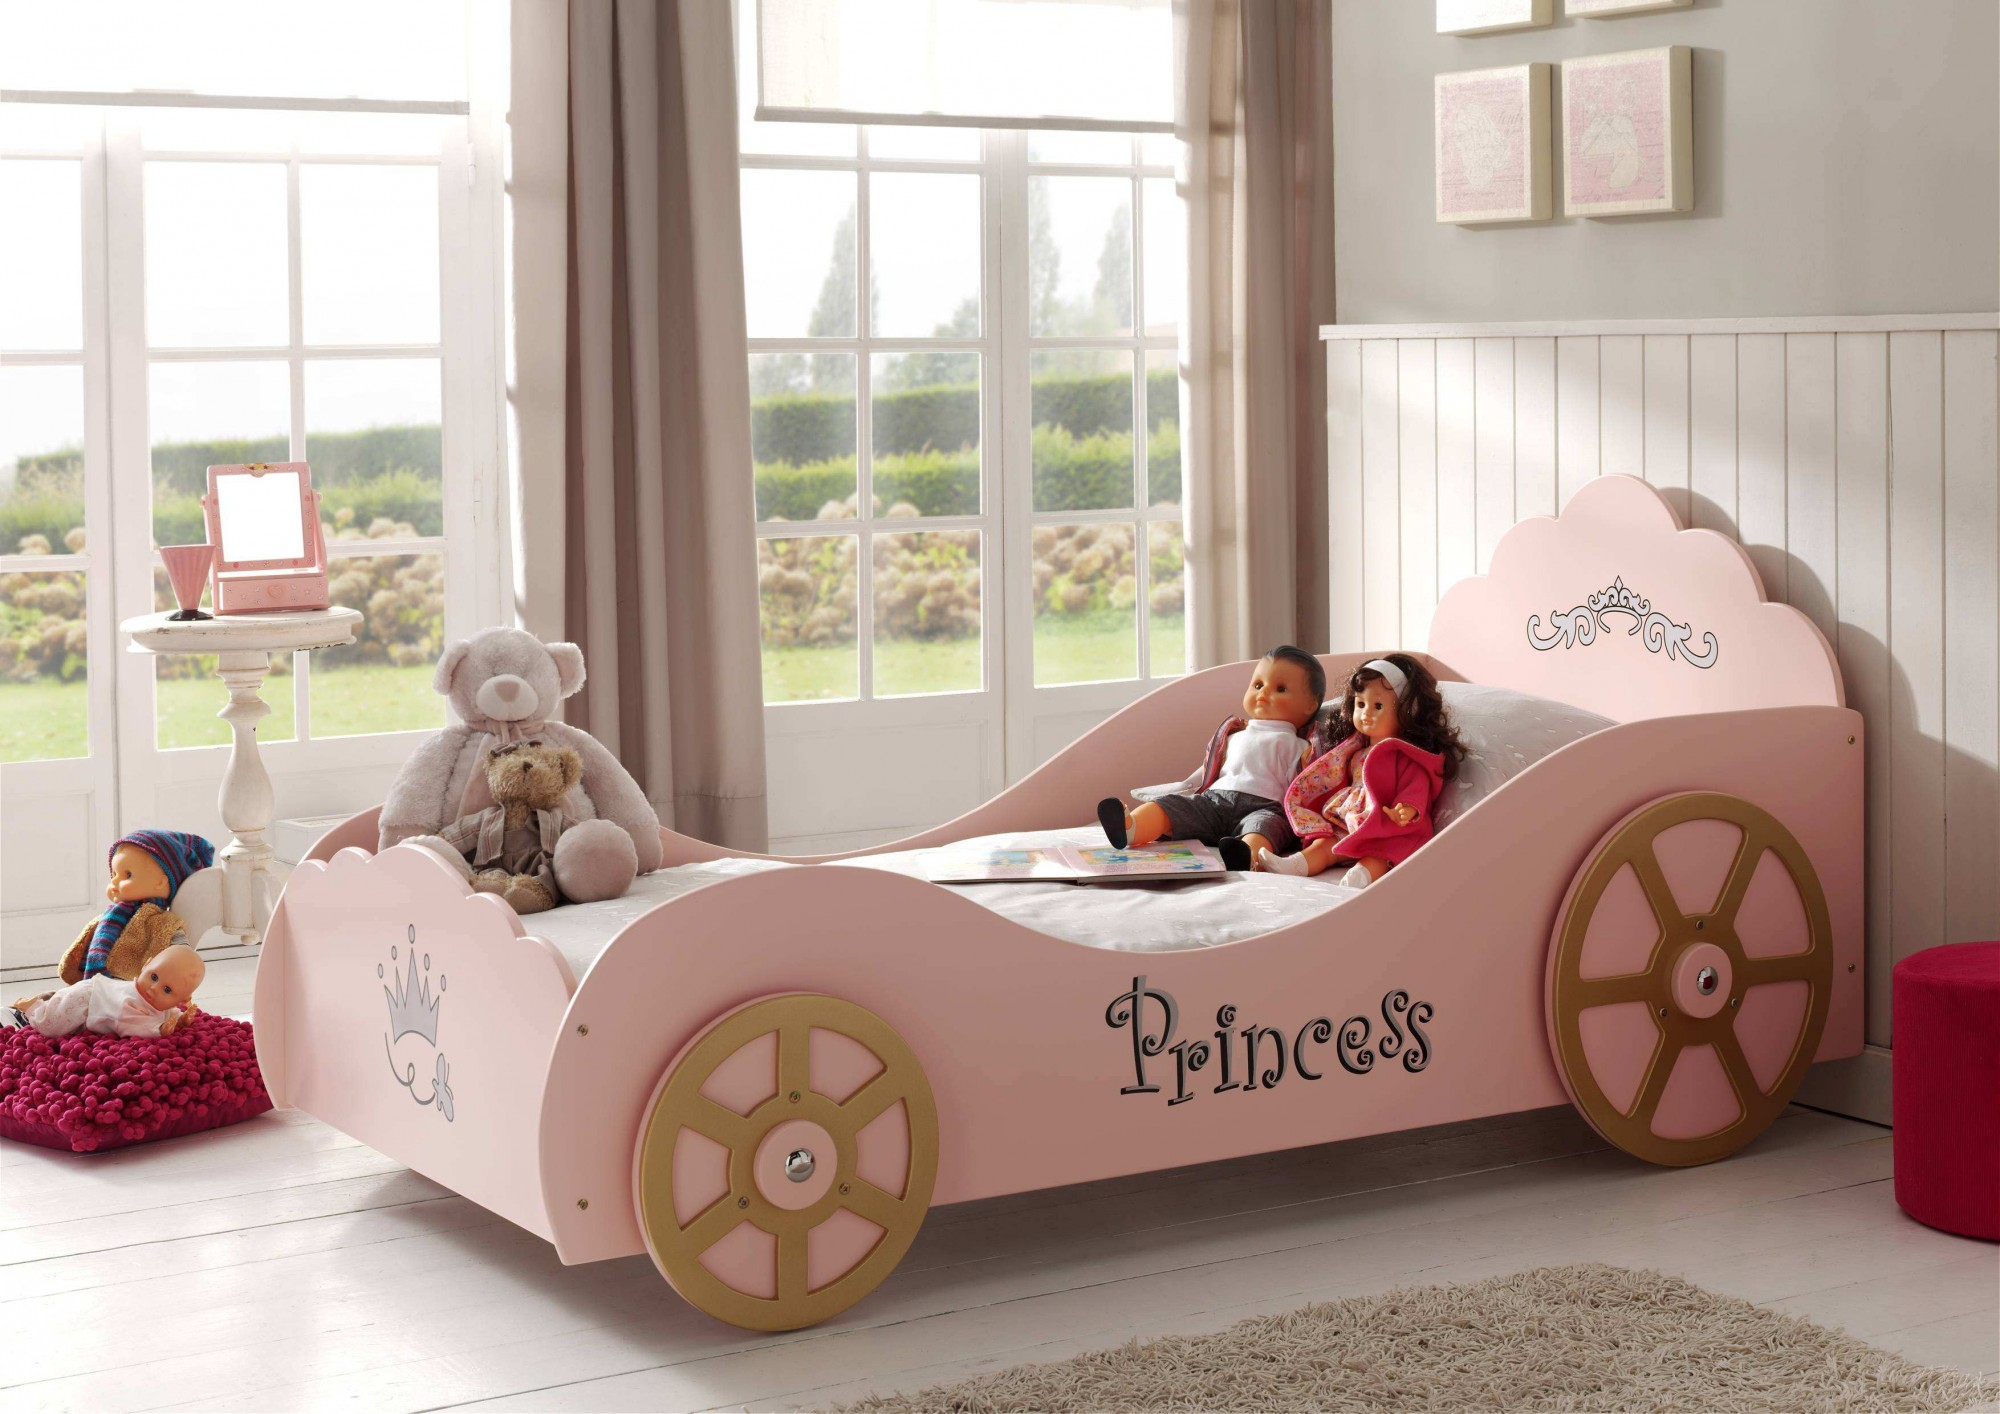 Full Size of Mädchenbetten Kutschenbett Princess Kinderbett Mdchenbett Mit Lattenrost 90 X Wohnzimmer Mädchenbetten